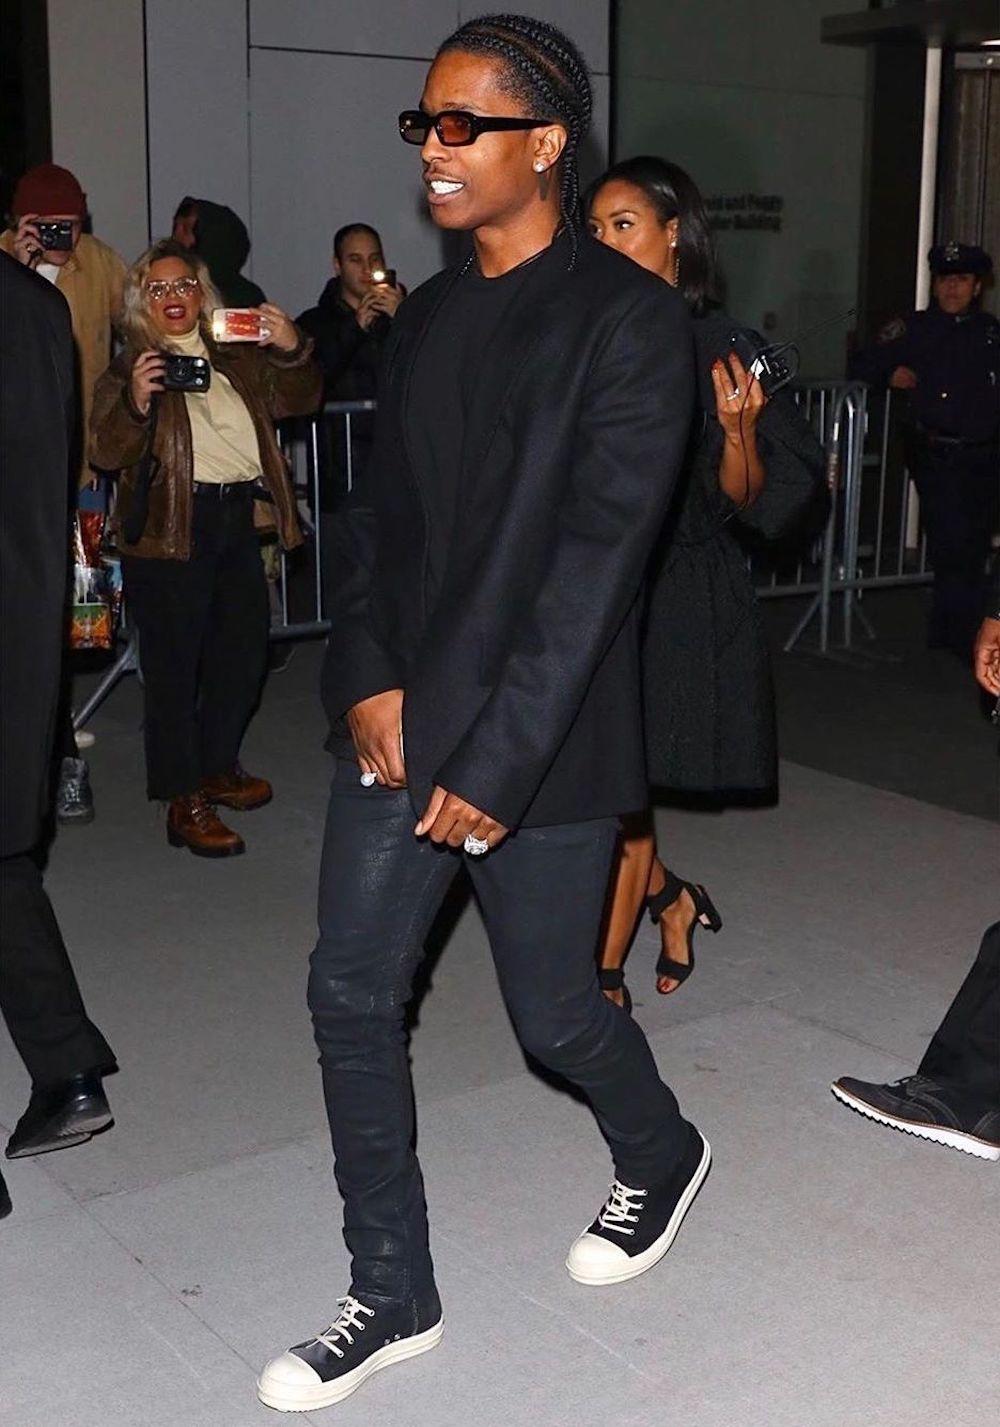 SPOTTED: ASAP Rocky Attends 2019 WSJ Magazine Innovators Awards